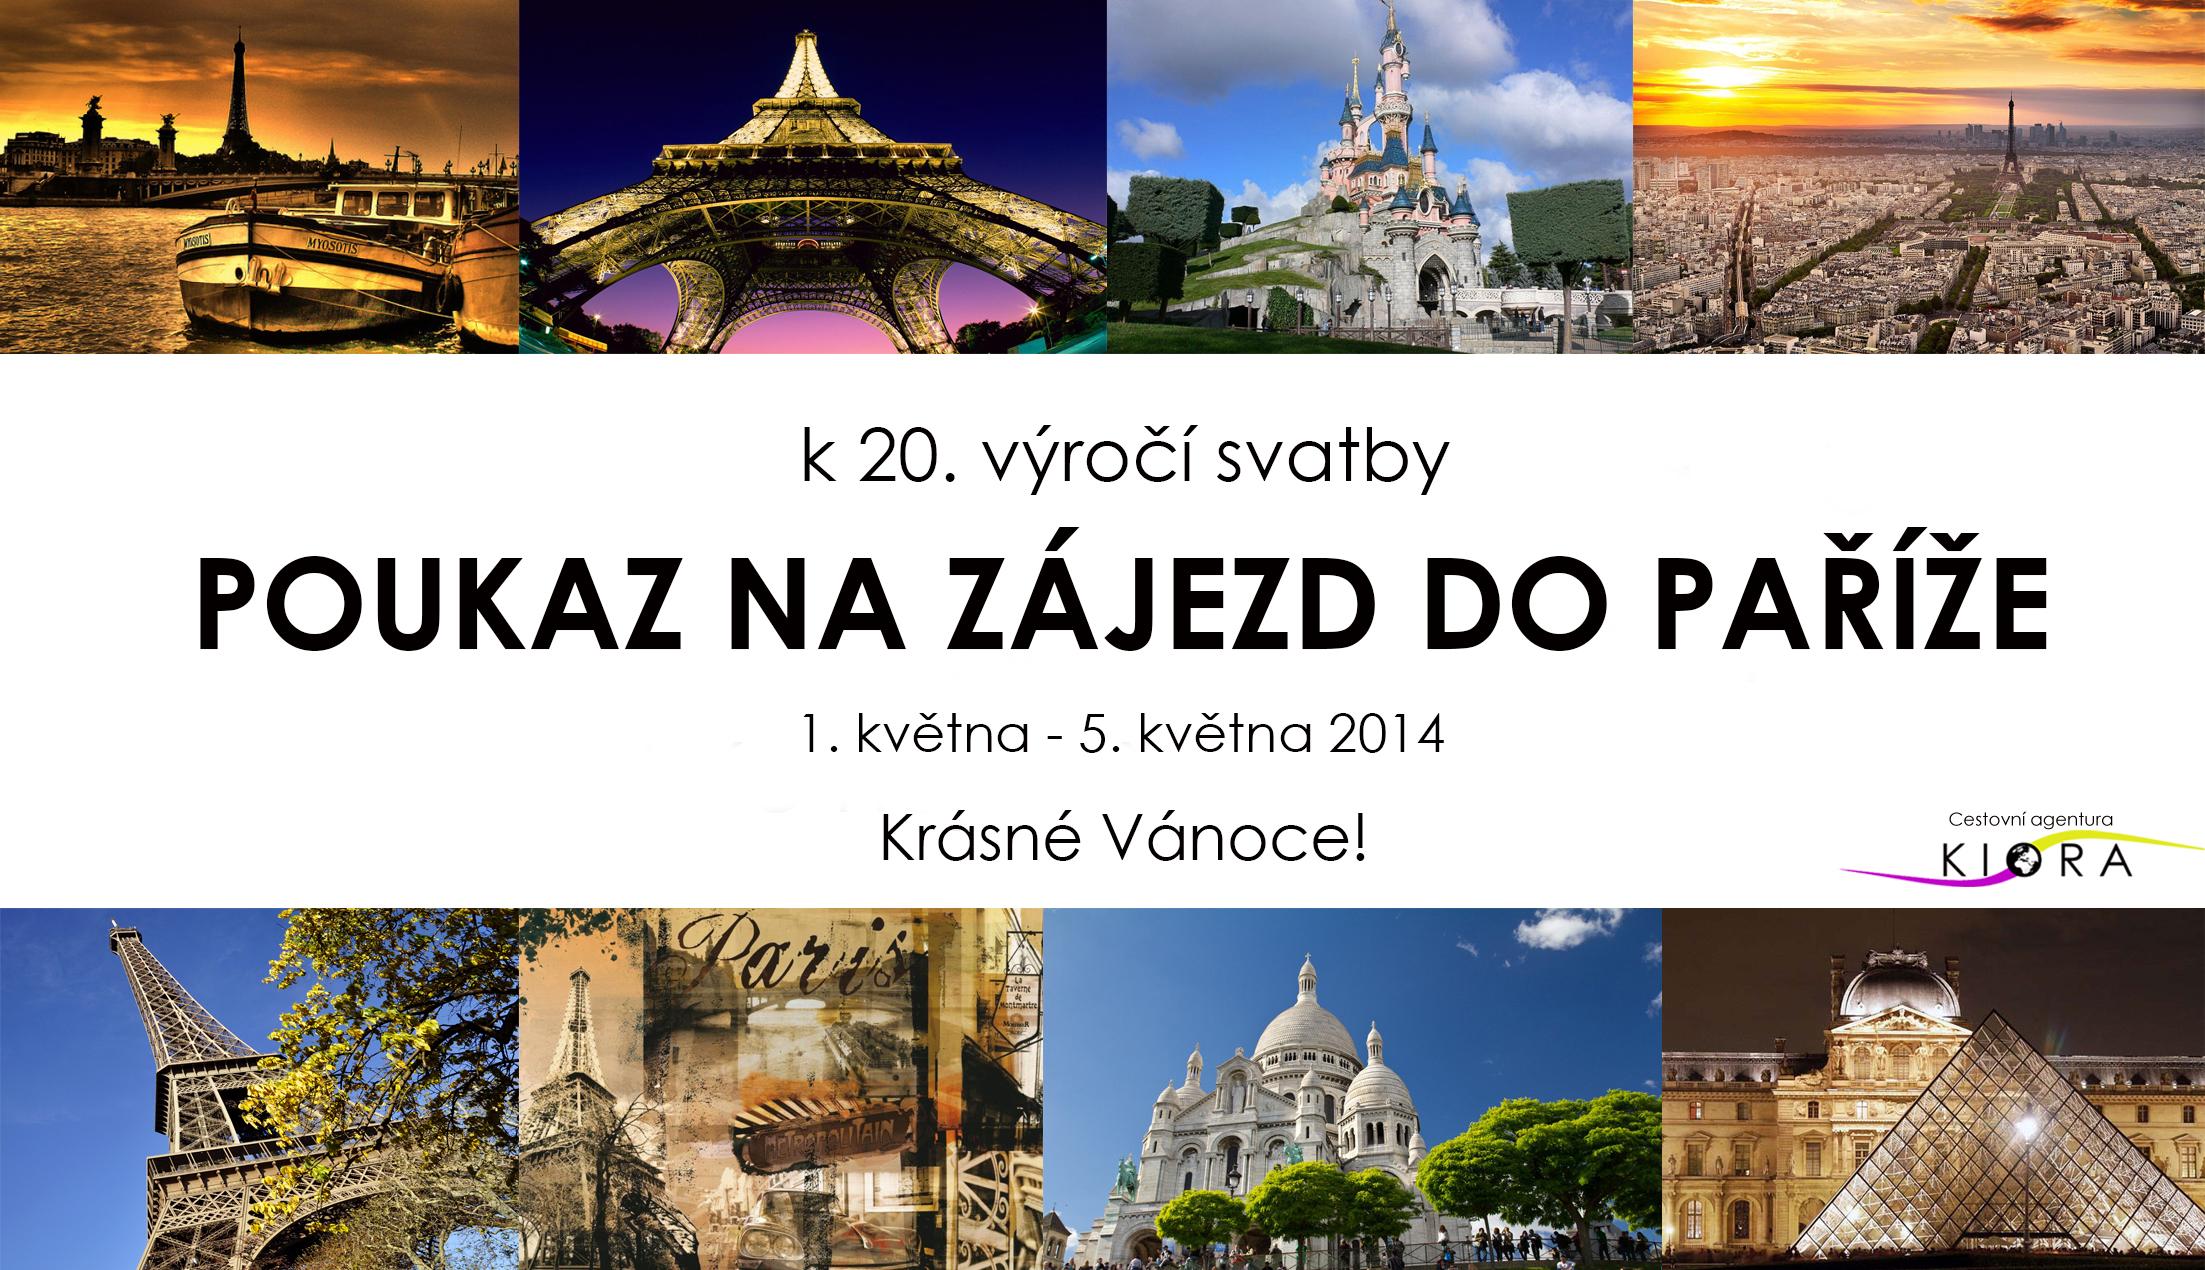 vzor poukázky k narozeninám Dárkové poukazy | Cestovní agentura Kiora vzor poukázky k narozeninám